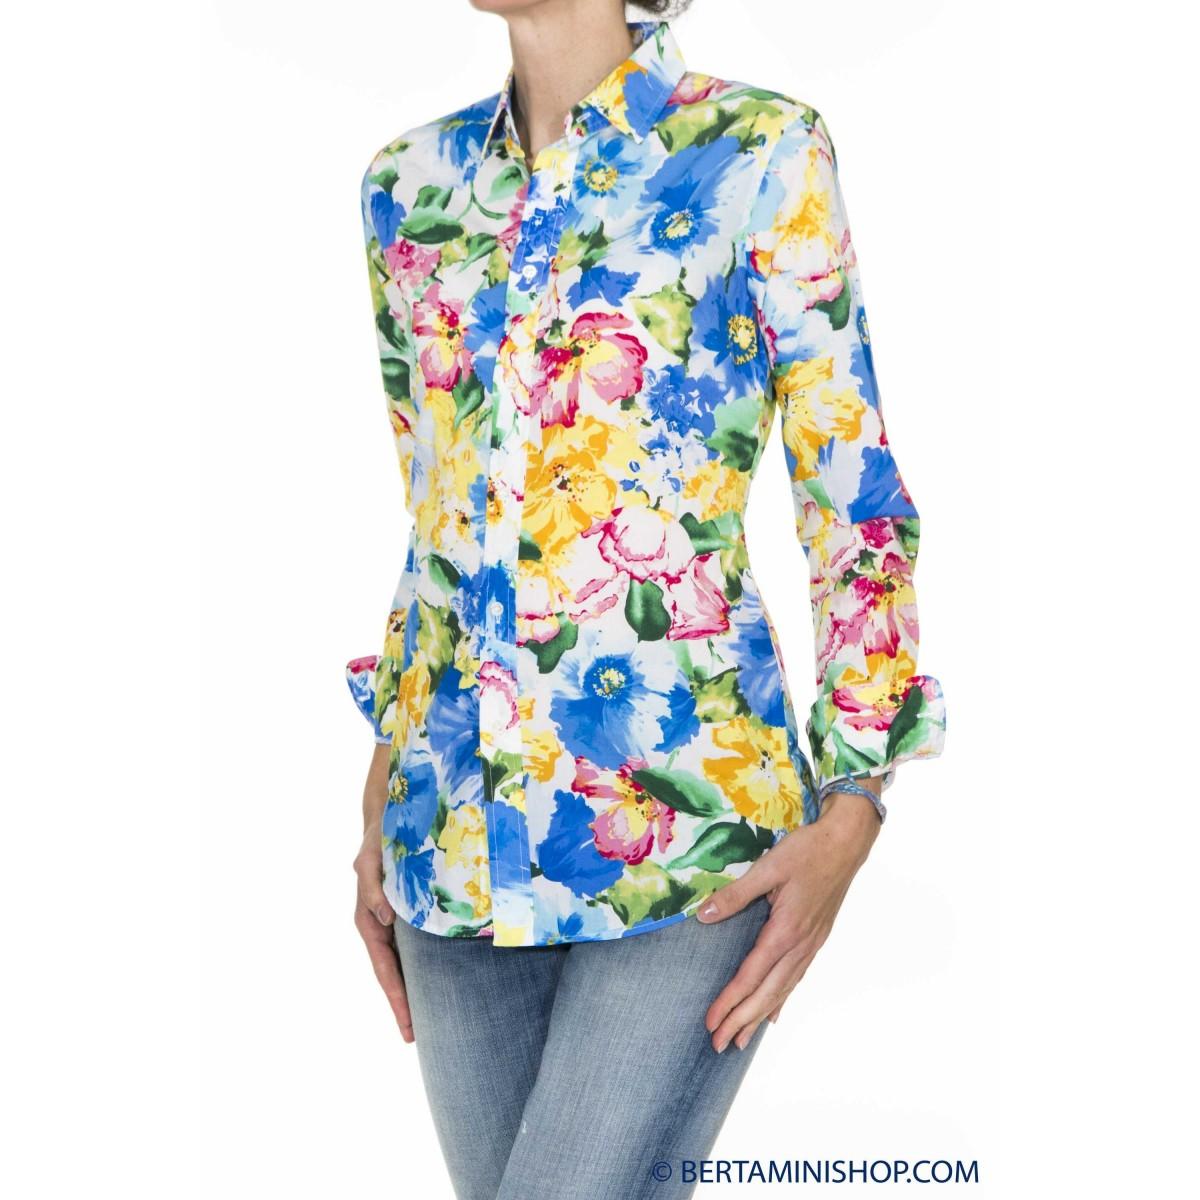 Camicia Ralph Lauren Donna - V33Ih723Bh723 M4H03 - Fiorata blu